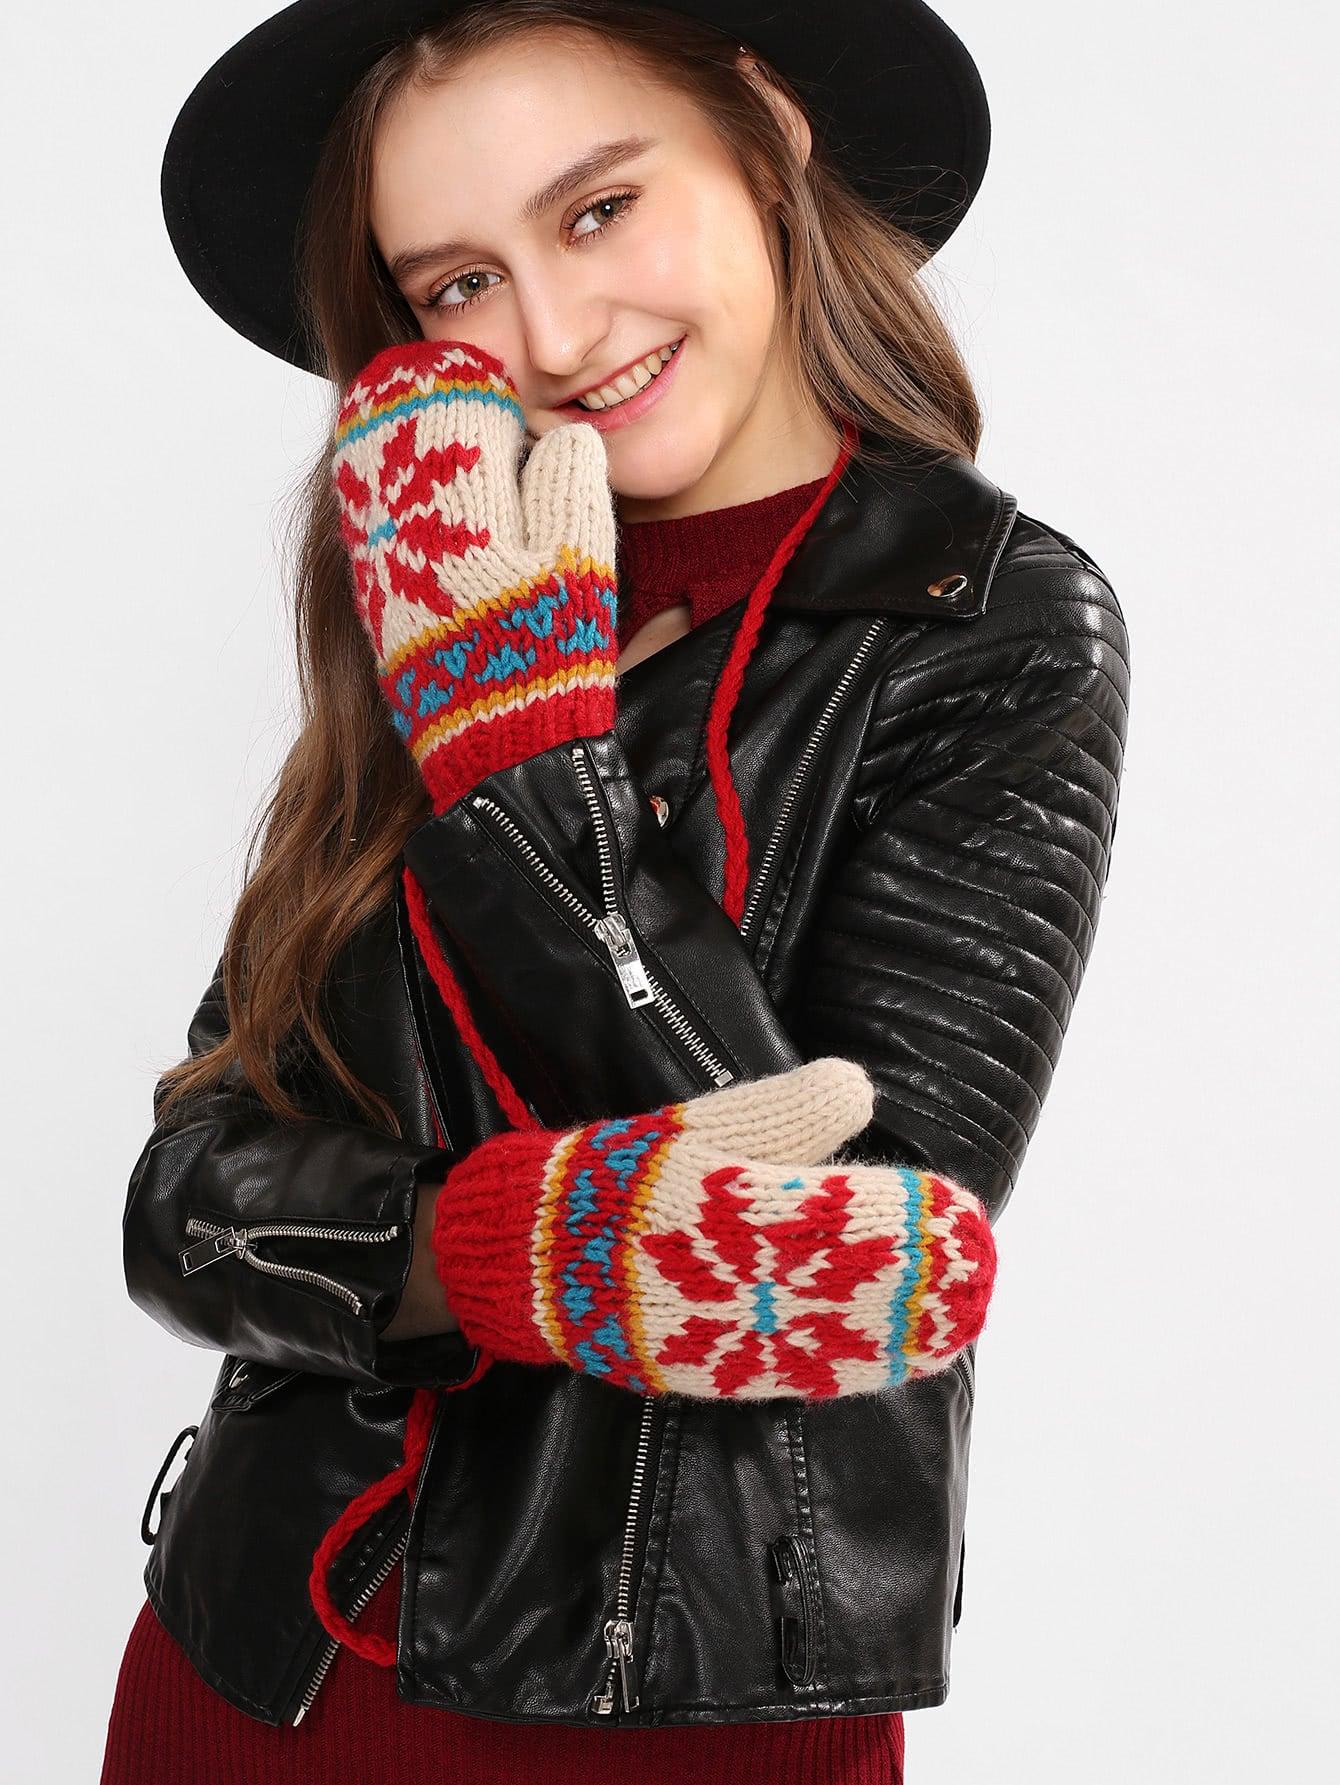 Трикотажные недоуздок-образным вырезом перчатки